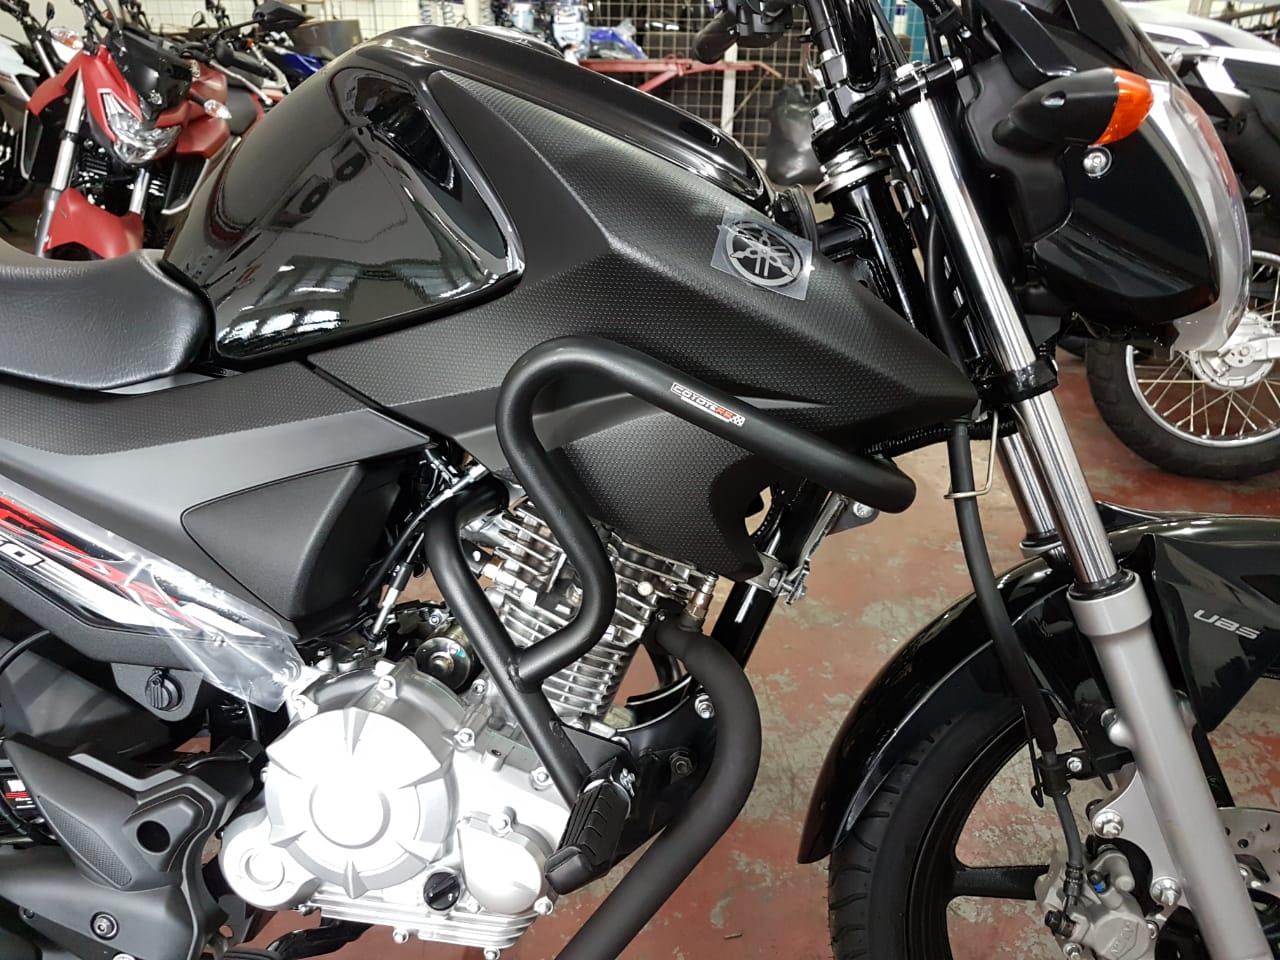 Protetor de Motor e Carenagem Coyote Preto com Pedais - Factor 150 / Fazer 150 - Yamaha